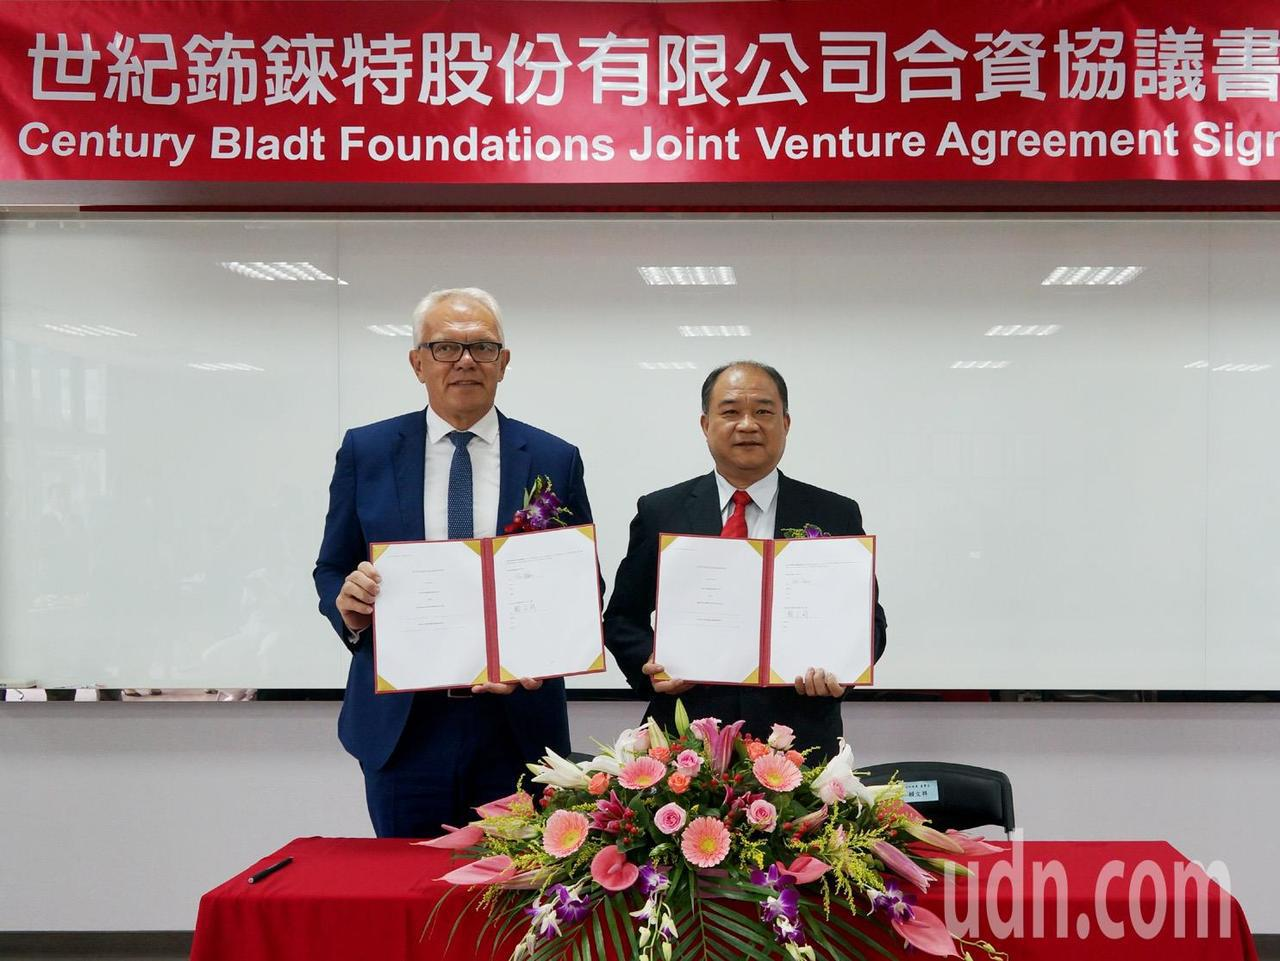 世紀鋼構董事長賴文祥(右)與丹麥商Bladt執行長默天森(左)共同簽訂世紀鈽錸特...